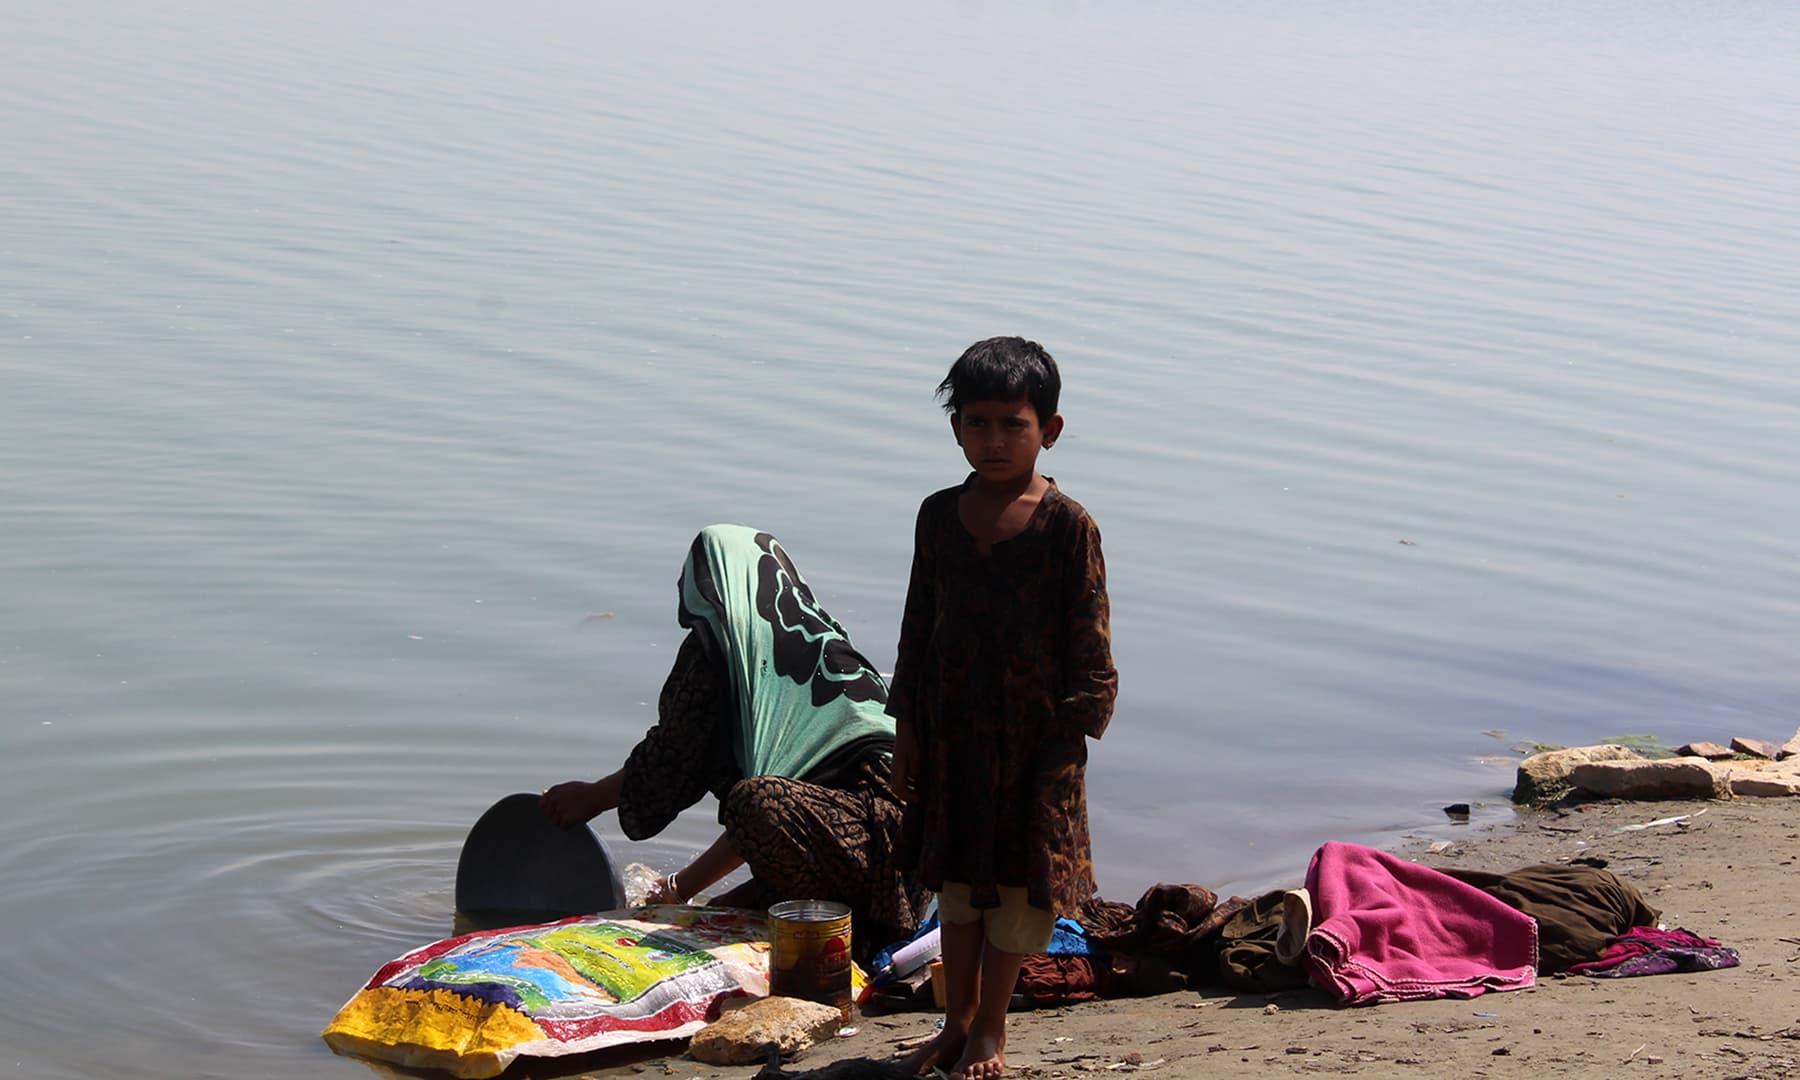 ماہی گیروں کی زندگی پانی سے وابستہ ہے۔ پانی کی کمی کا مطلب غربت ہے۔— فوٹو اختر حفیظ